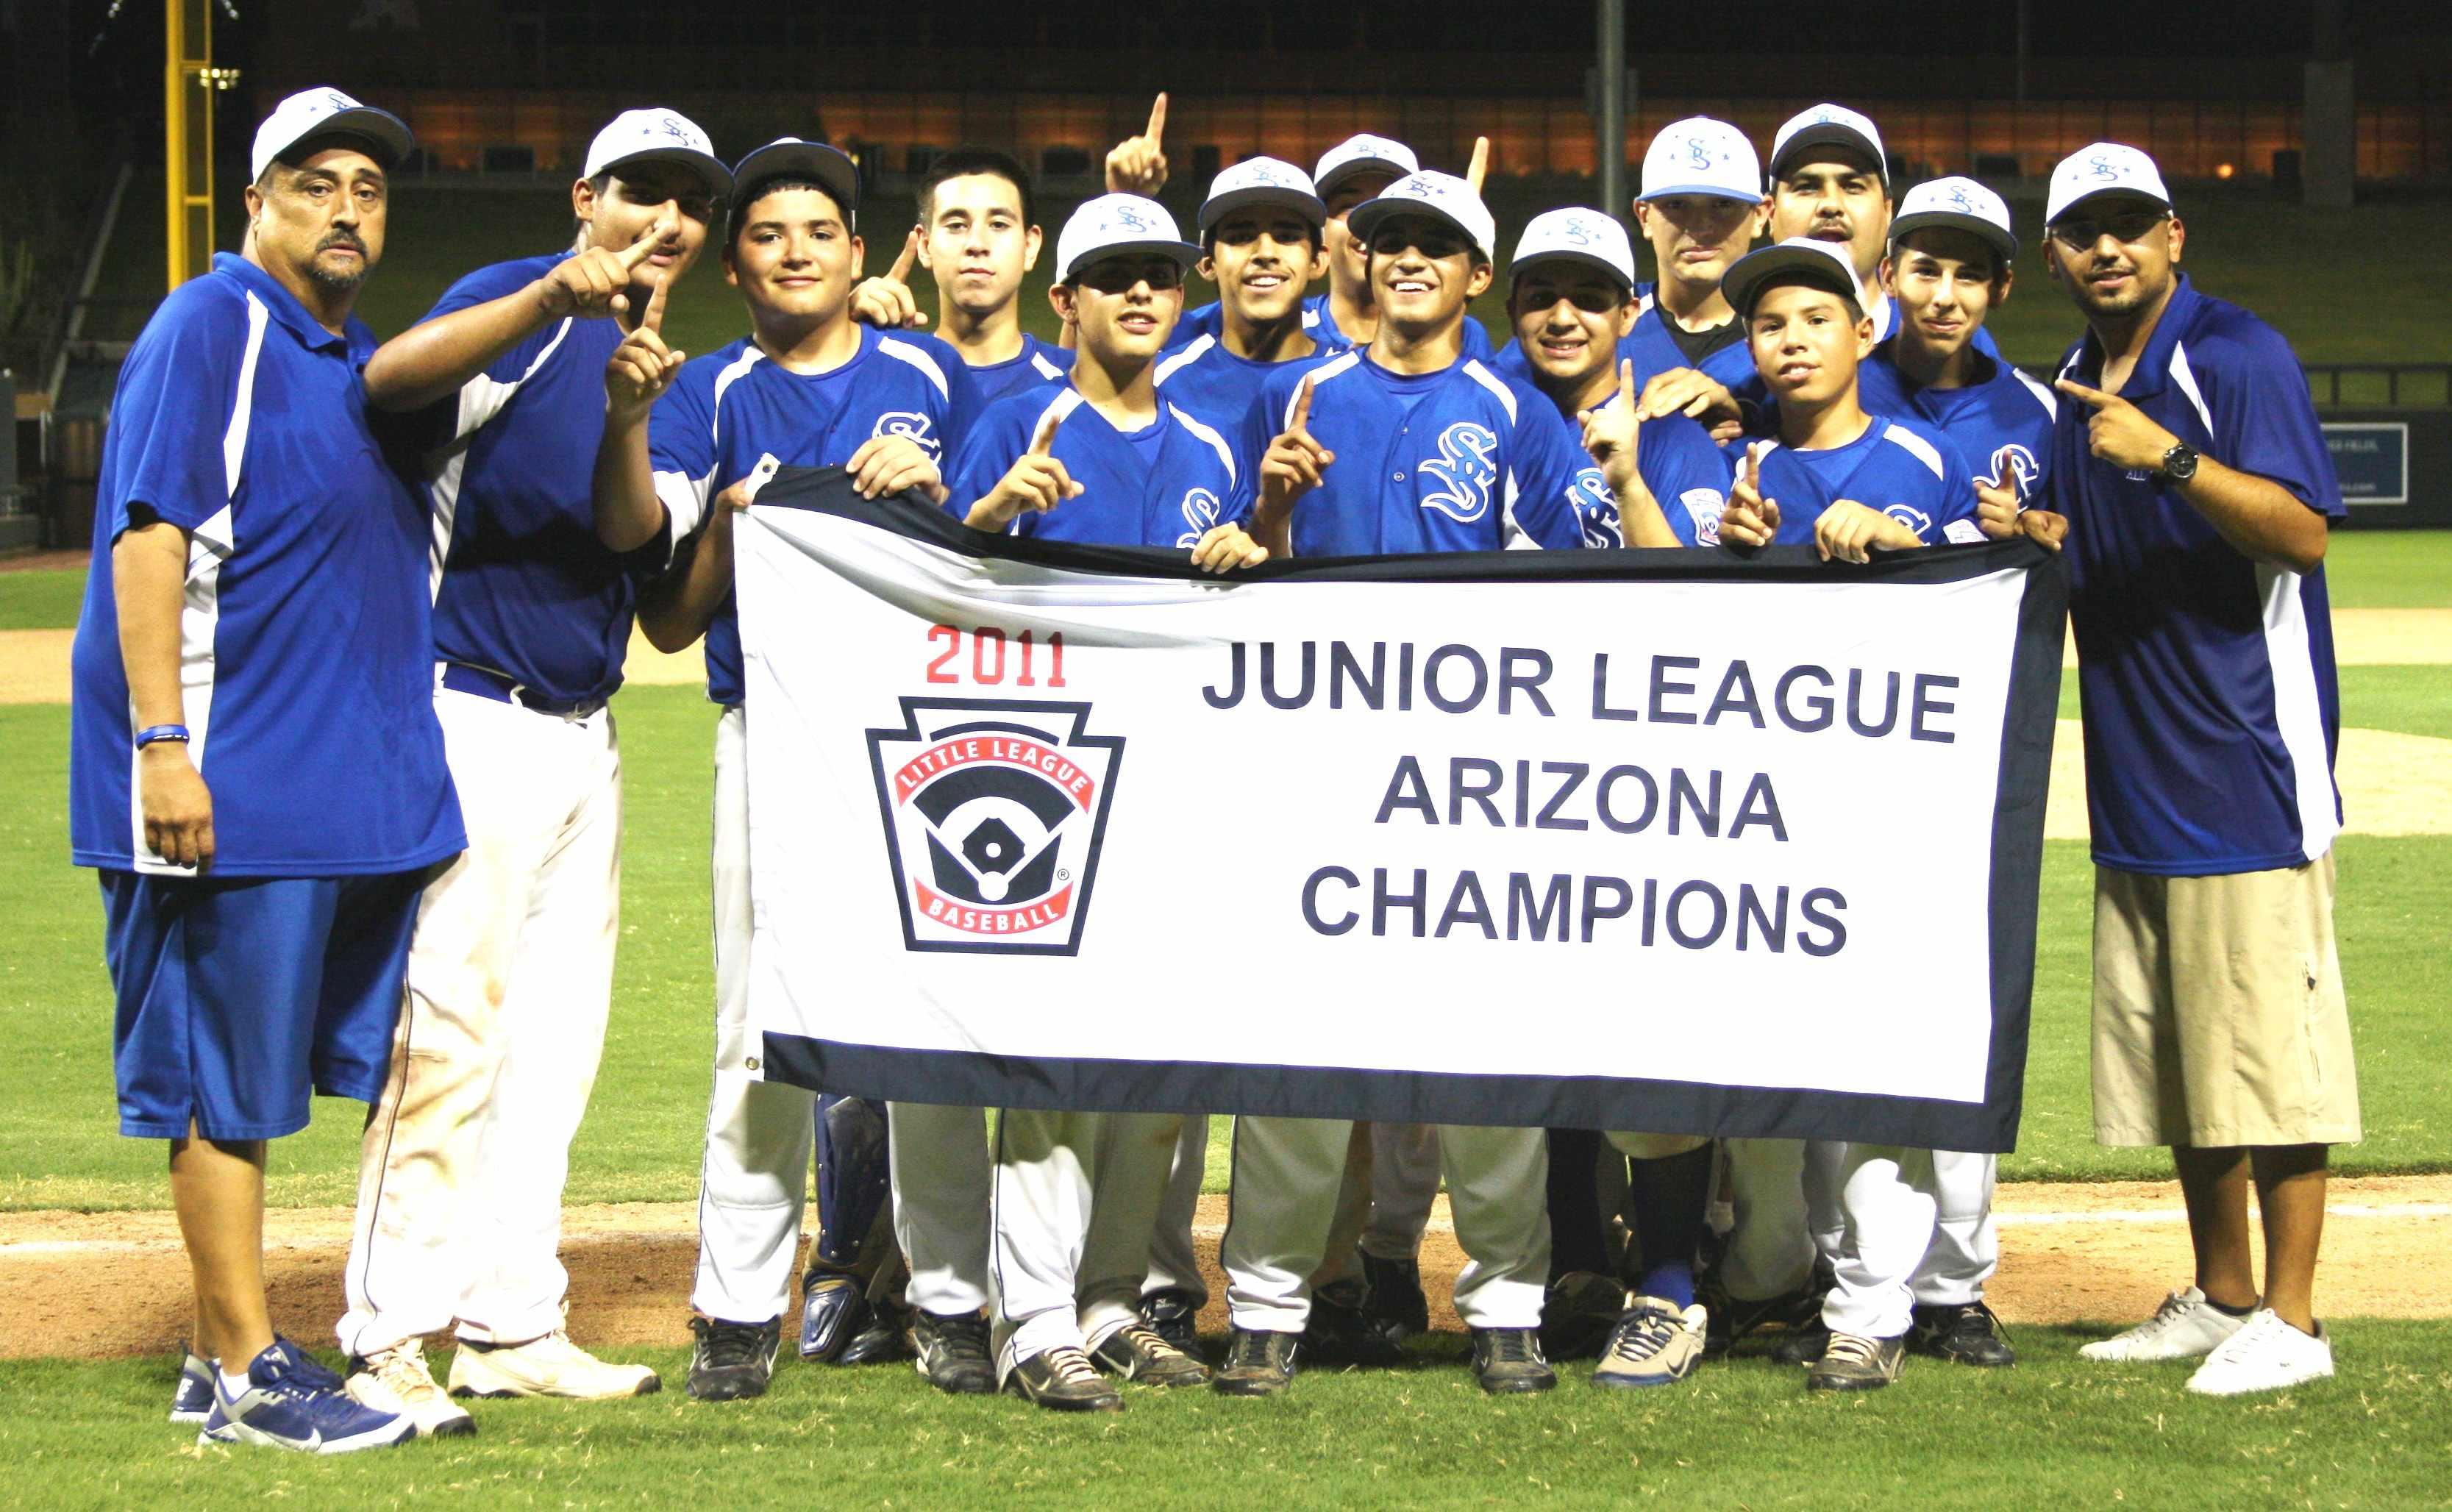 2011 AZ Jr bb champs Sunnyside.jpg